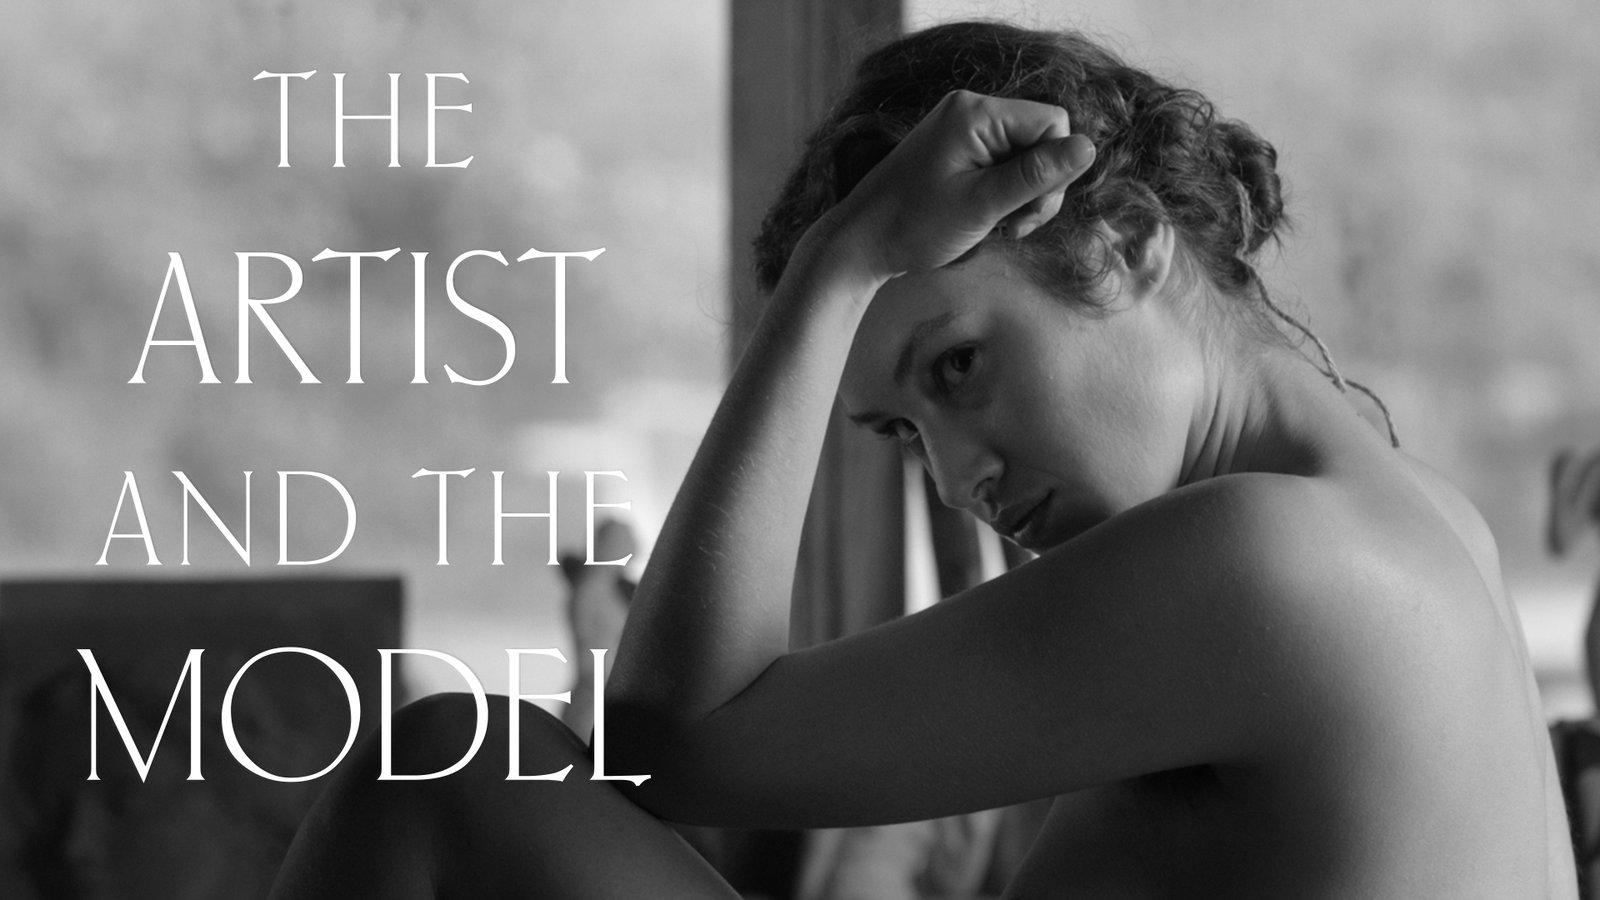 The Artist and the Model - El artista y la modelo